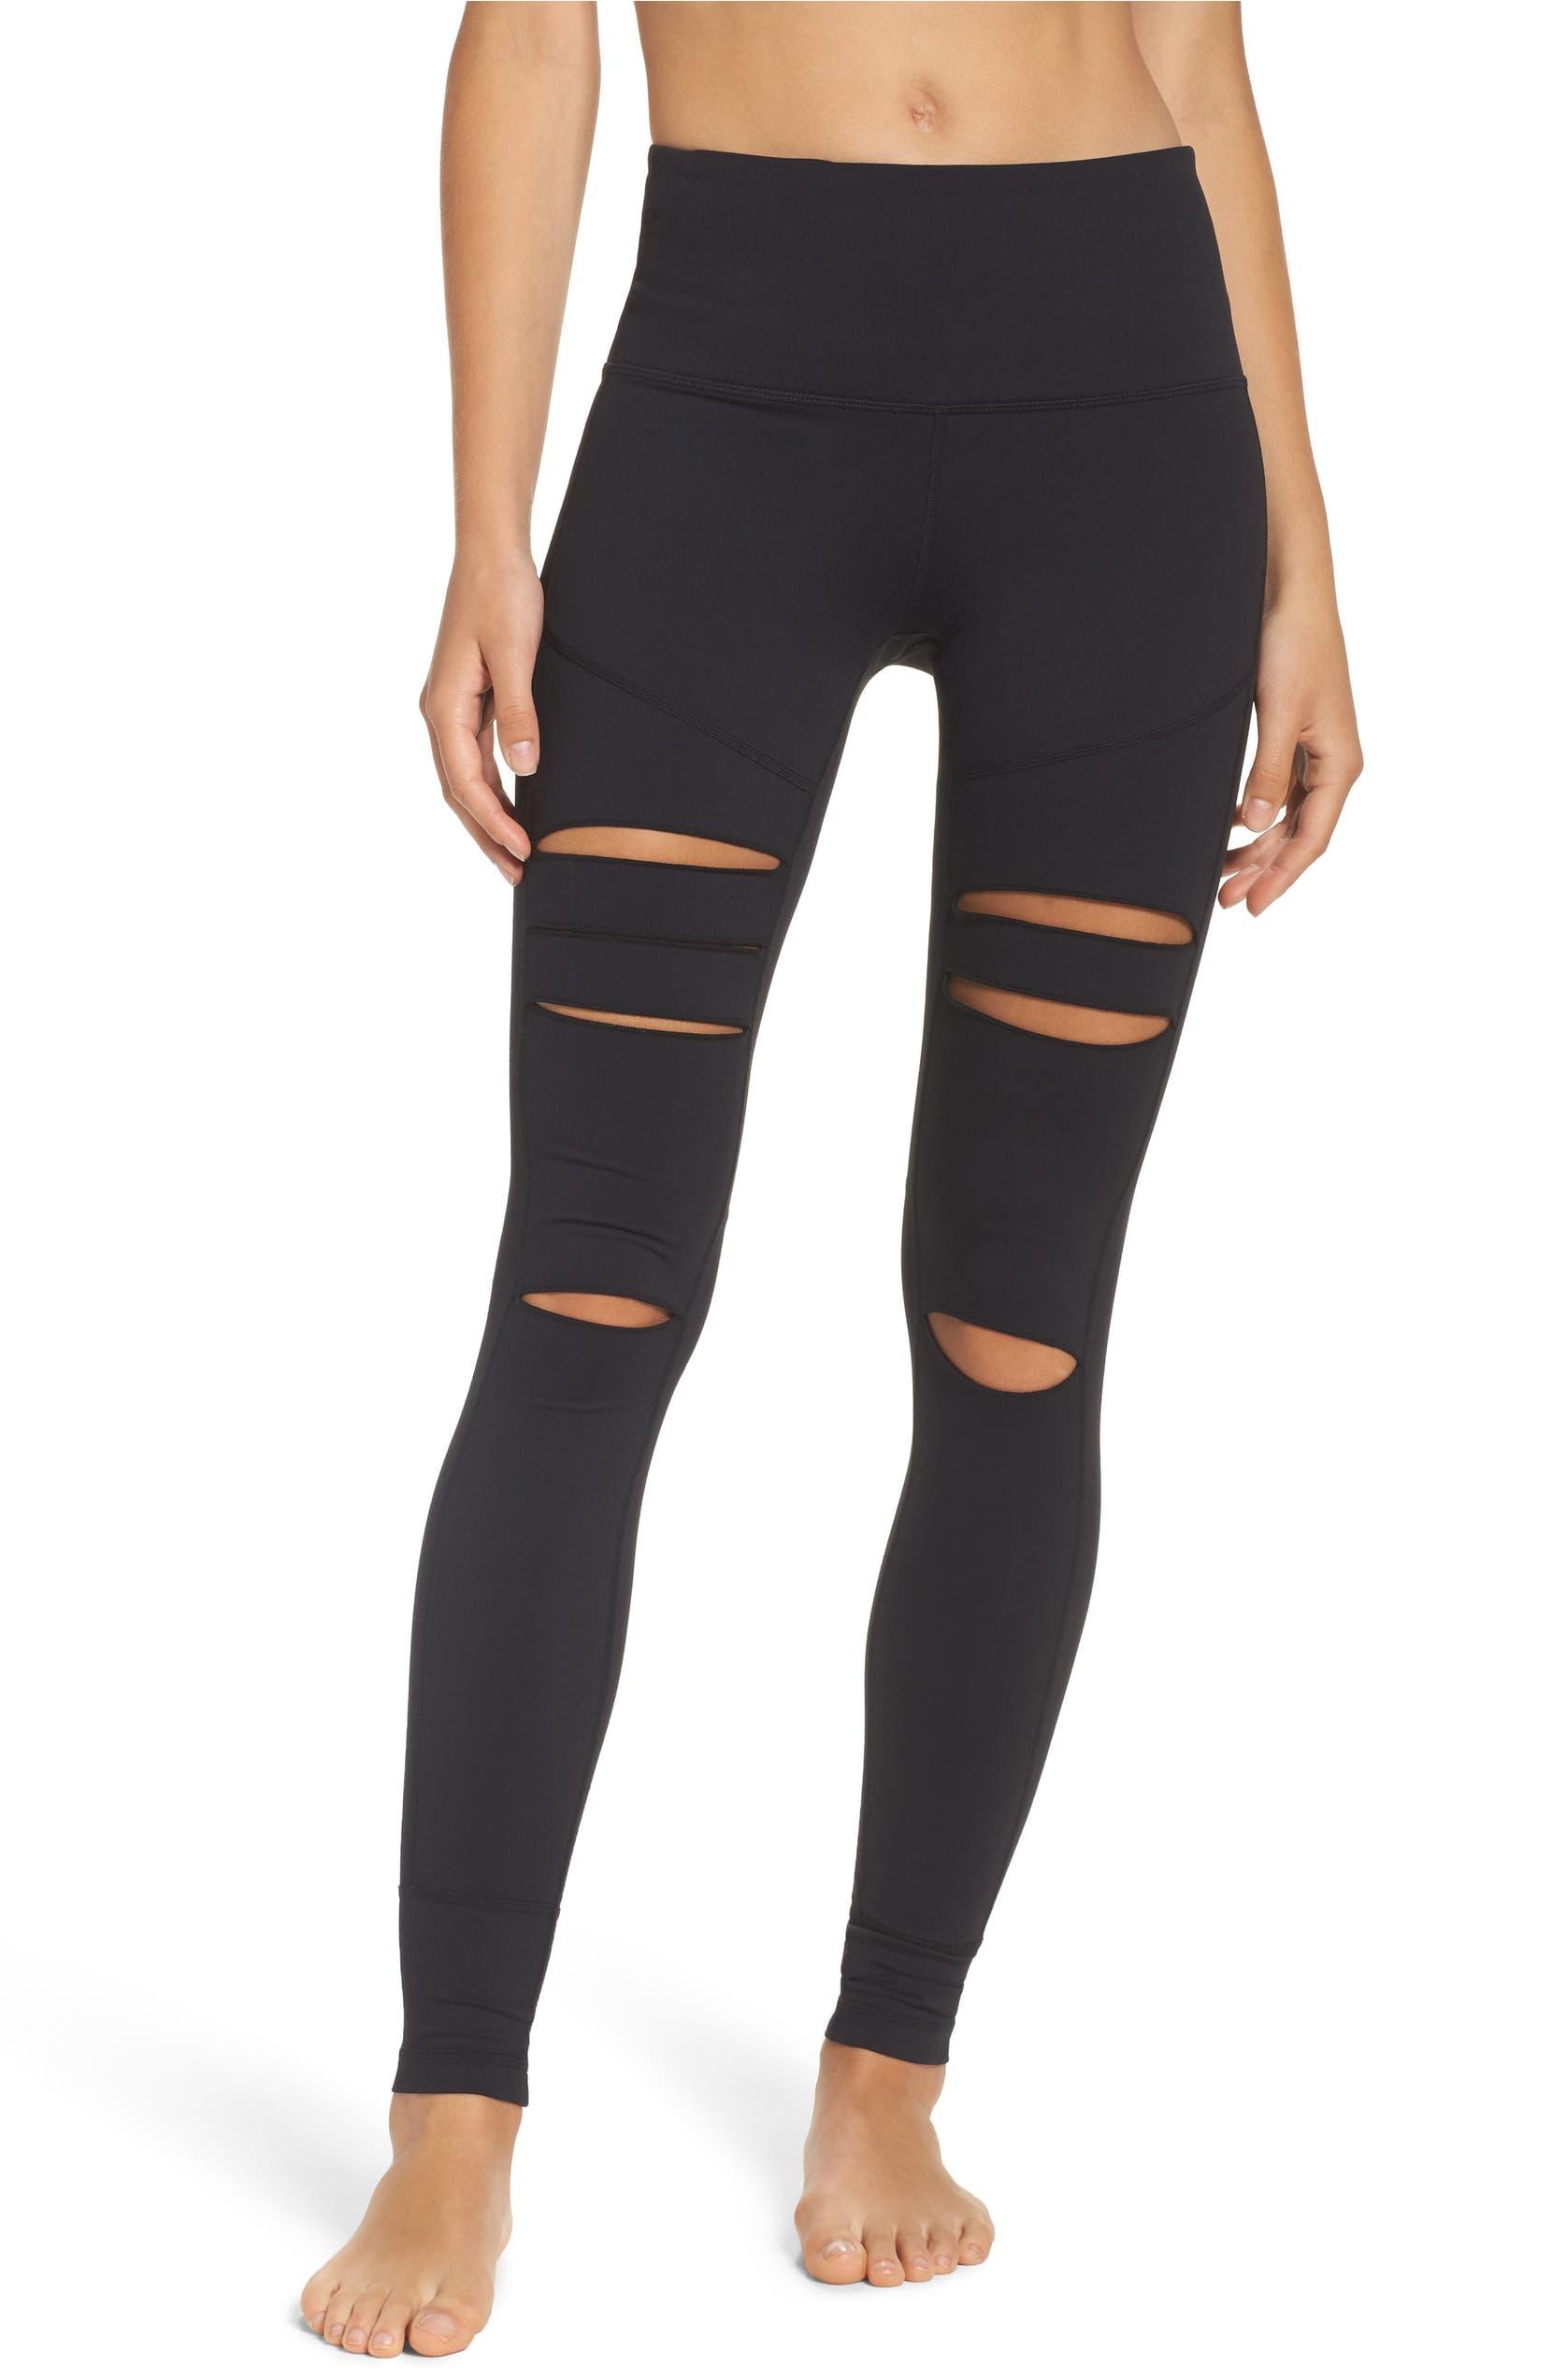 e4d13273a92a4 Zella Cece High Waist Open Knee Leggings | Nordstrom